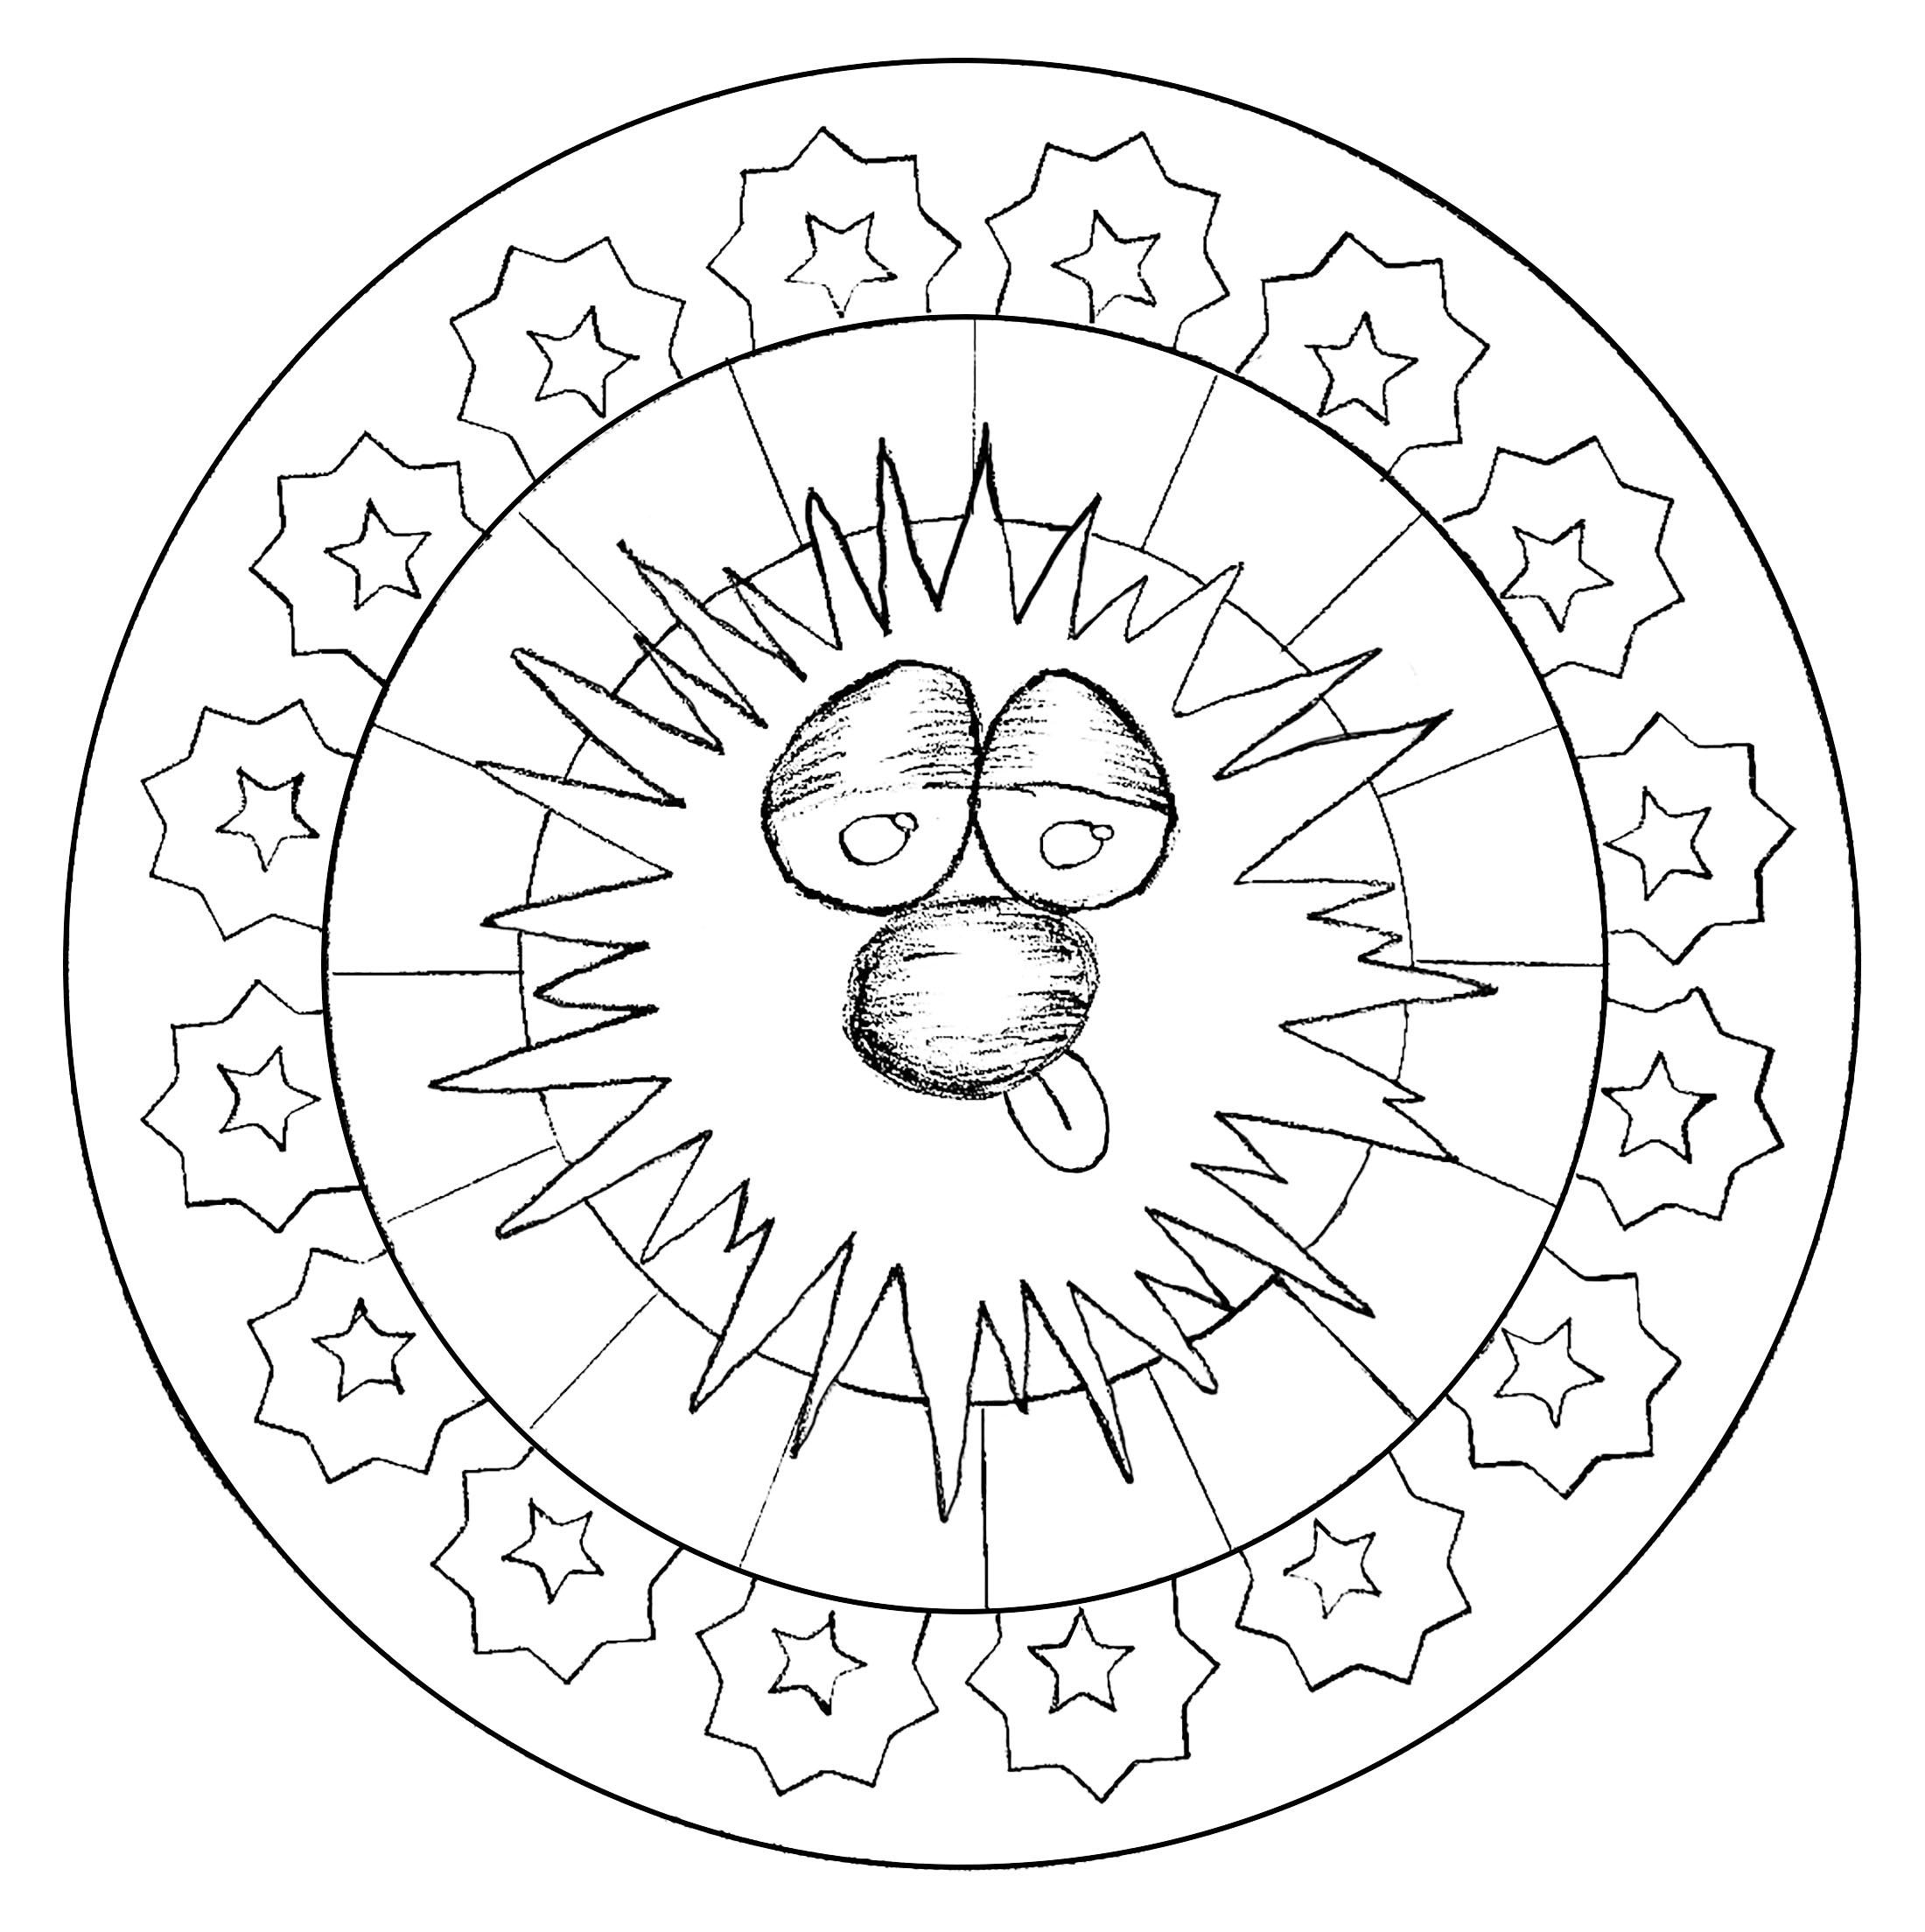 Mandala With Smiling Face